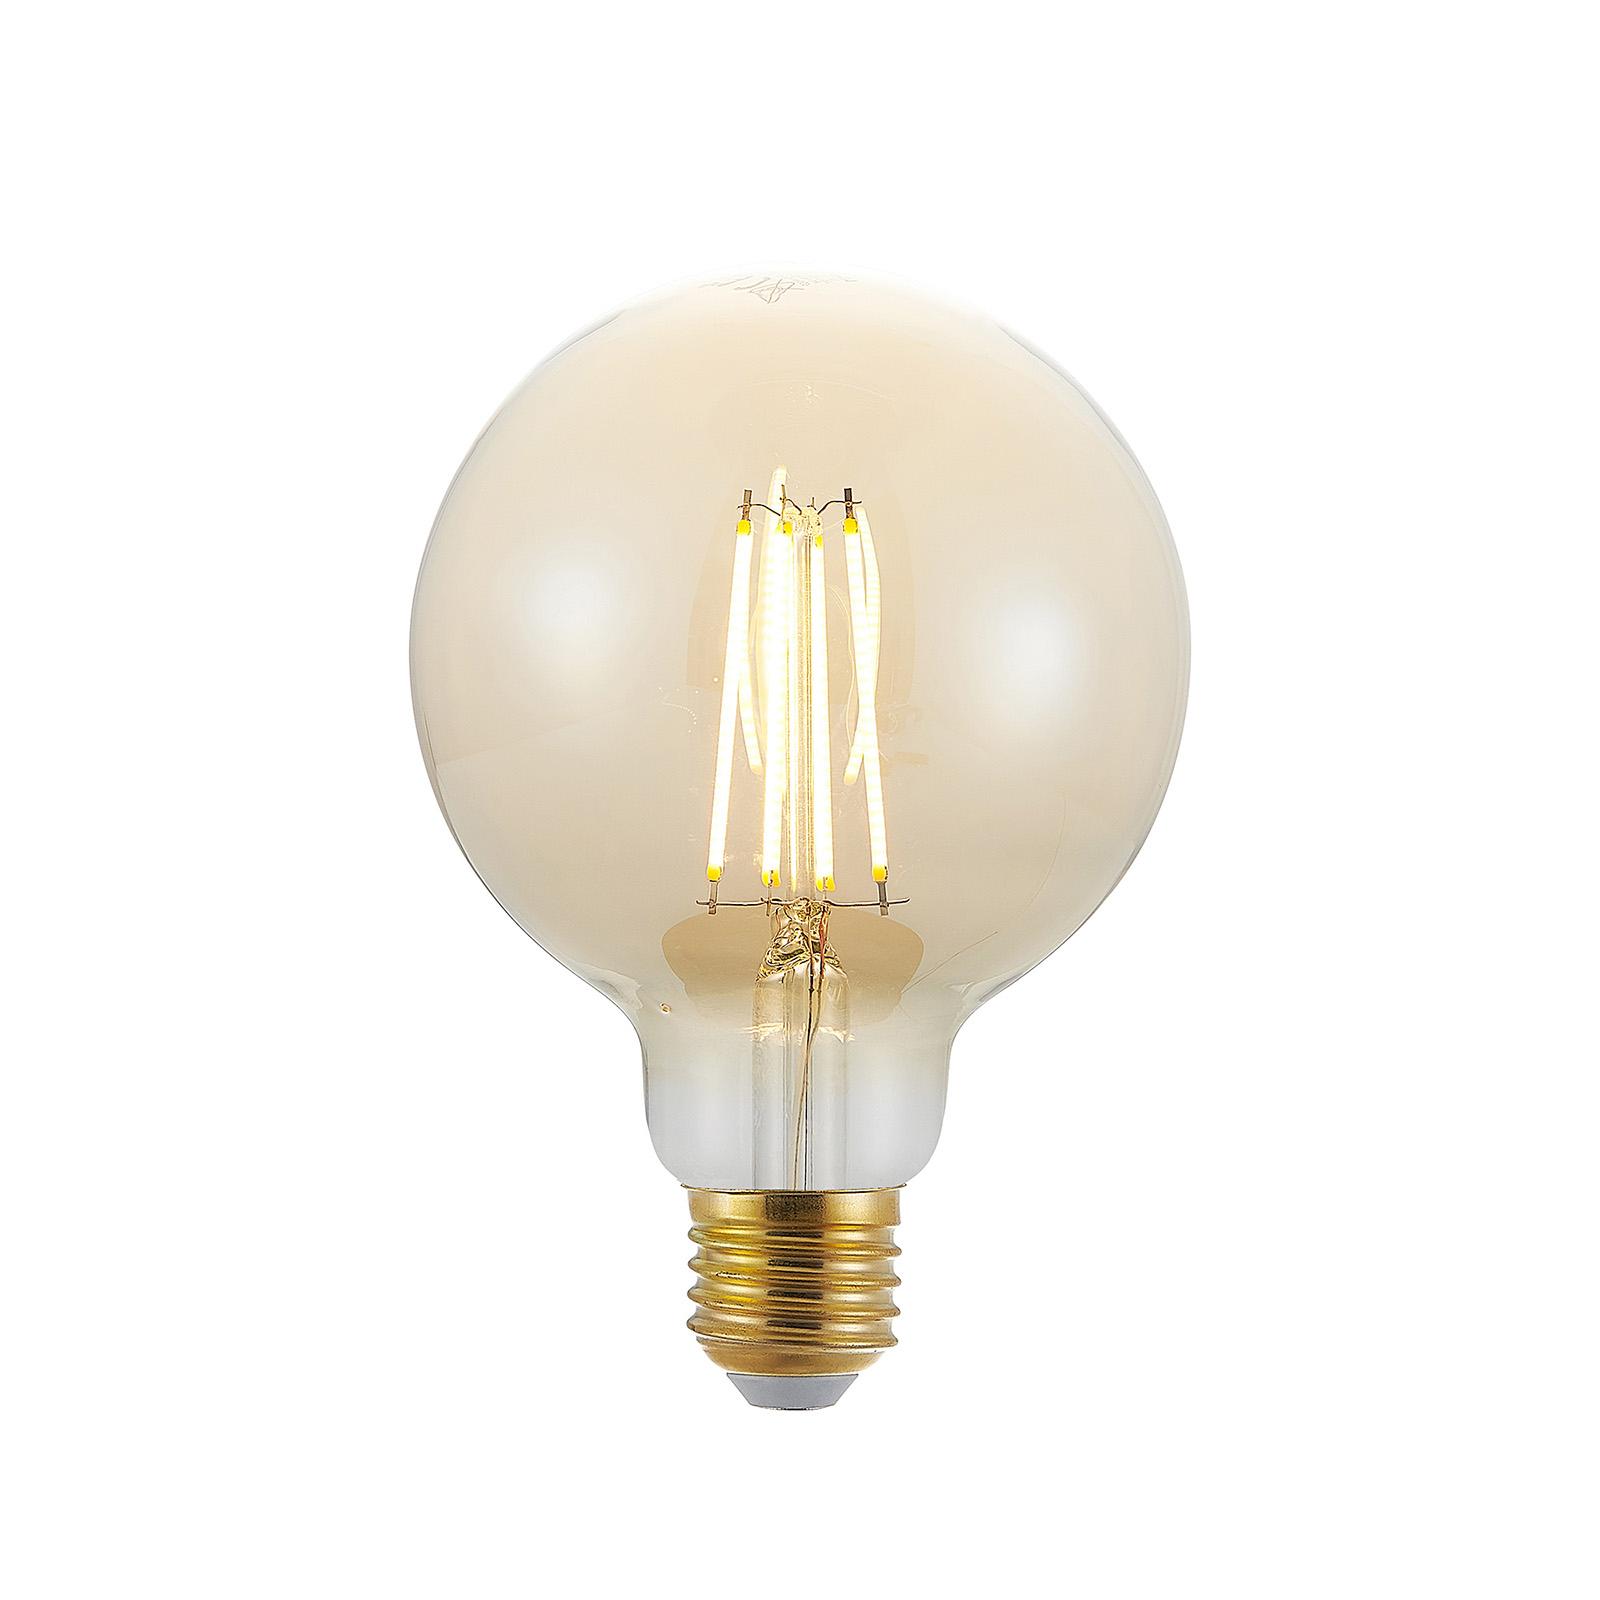 Acquista Lampadina LED E27 G95 6,5W 2.500K ambra, dimming